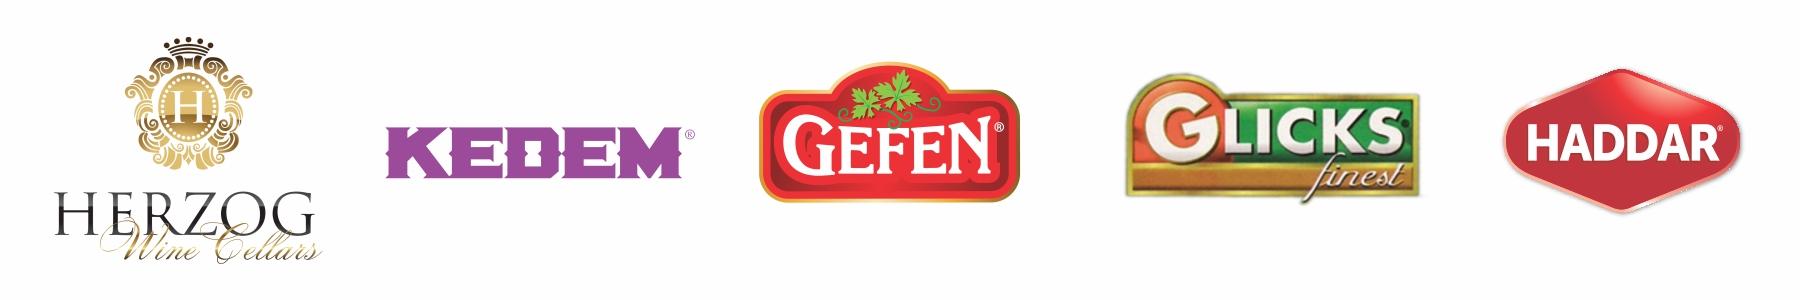 Herzog_kedem_gefen_glicks_hadar.jpg